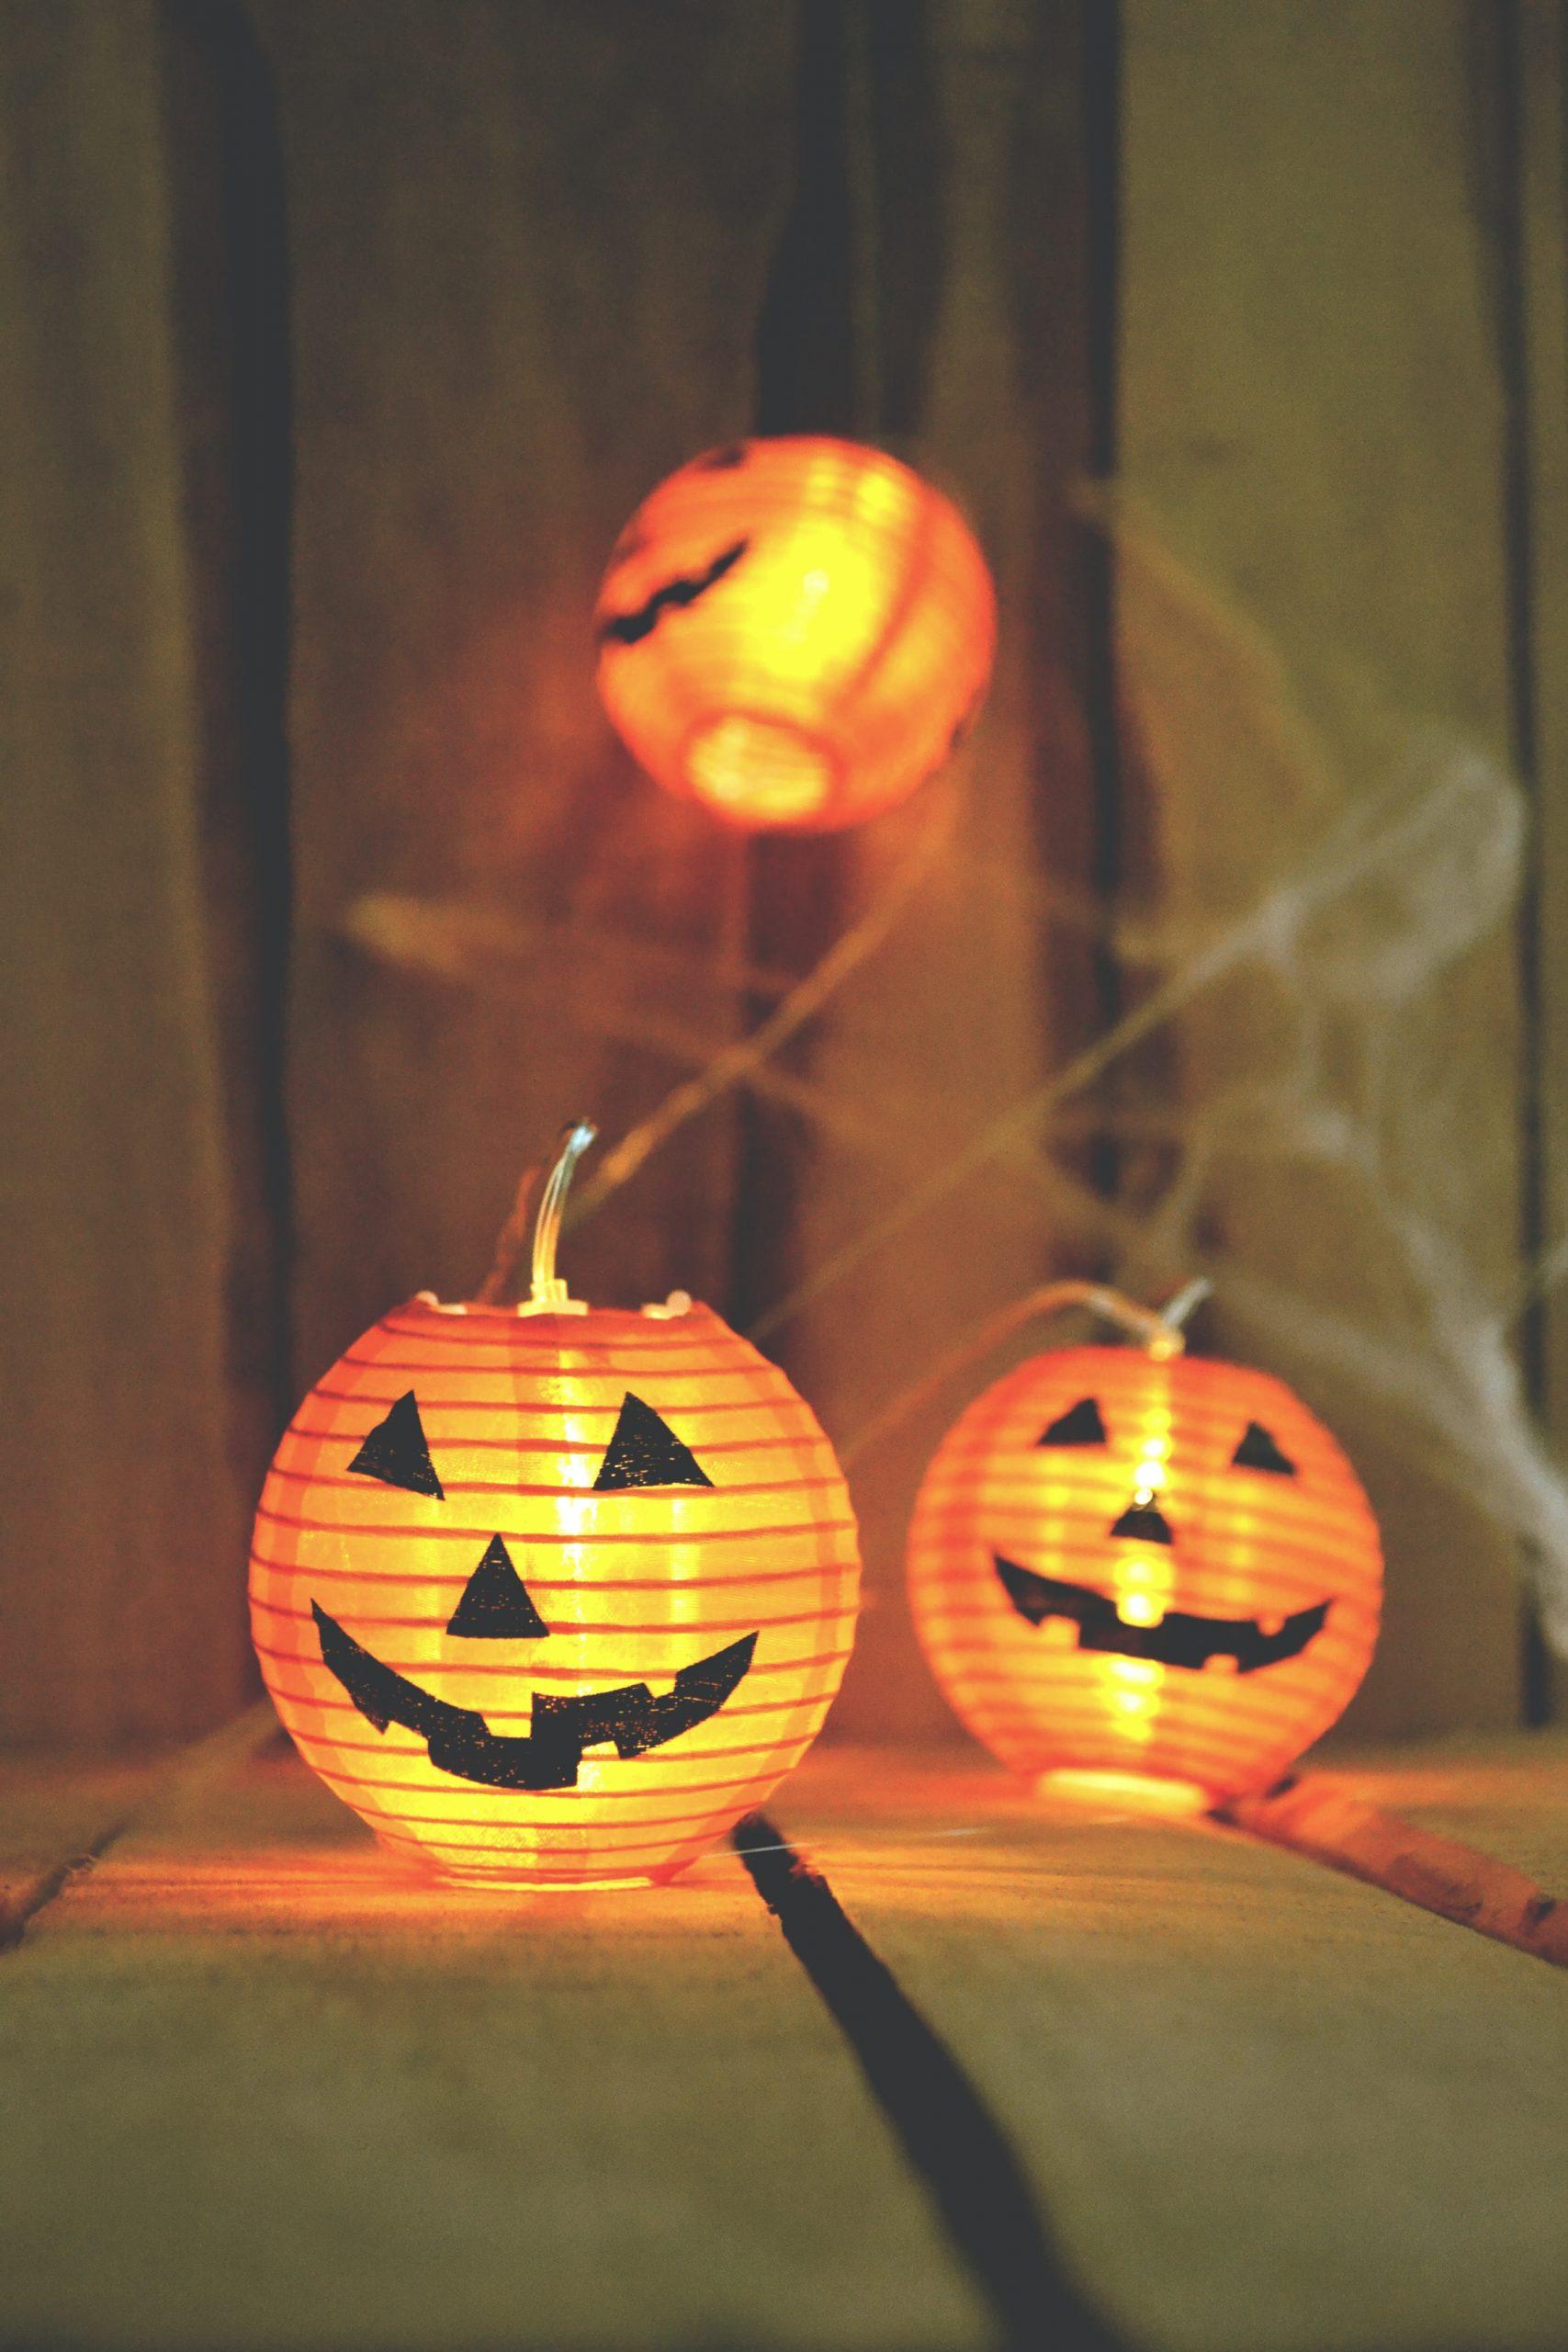 Sechs unterhaltsame Halloween-Spiele